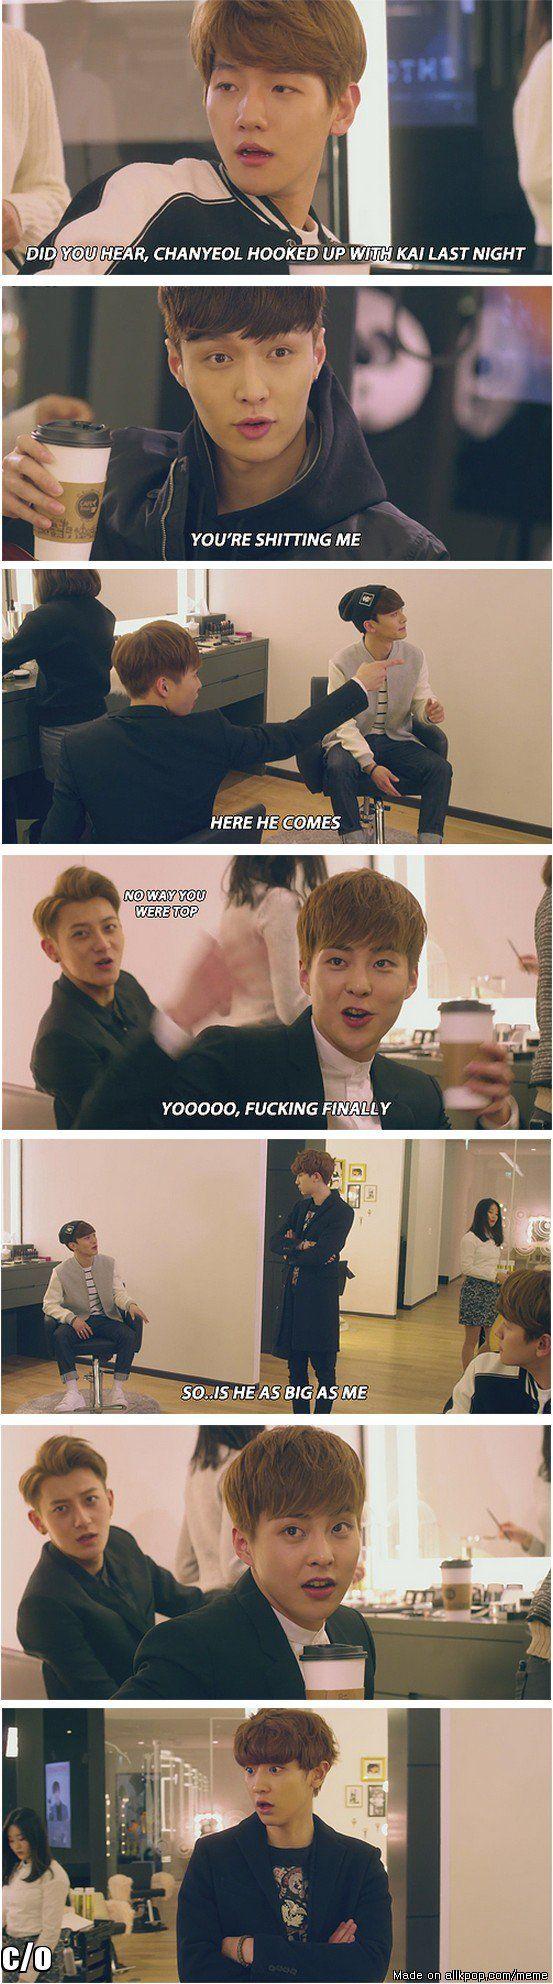 NOOOOOOOOOOOO HELL NO  D.O you better watch kai ... Chanyeolgo make it with baekhyun better     -tae ha